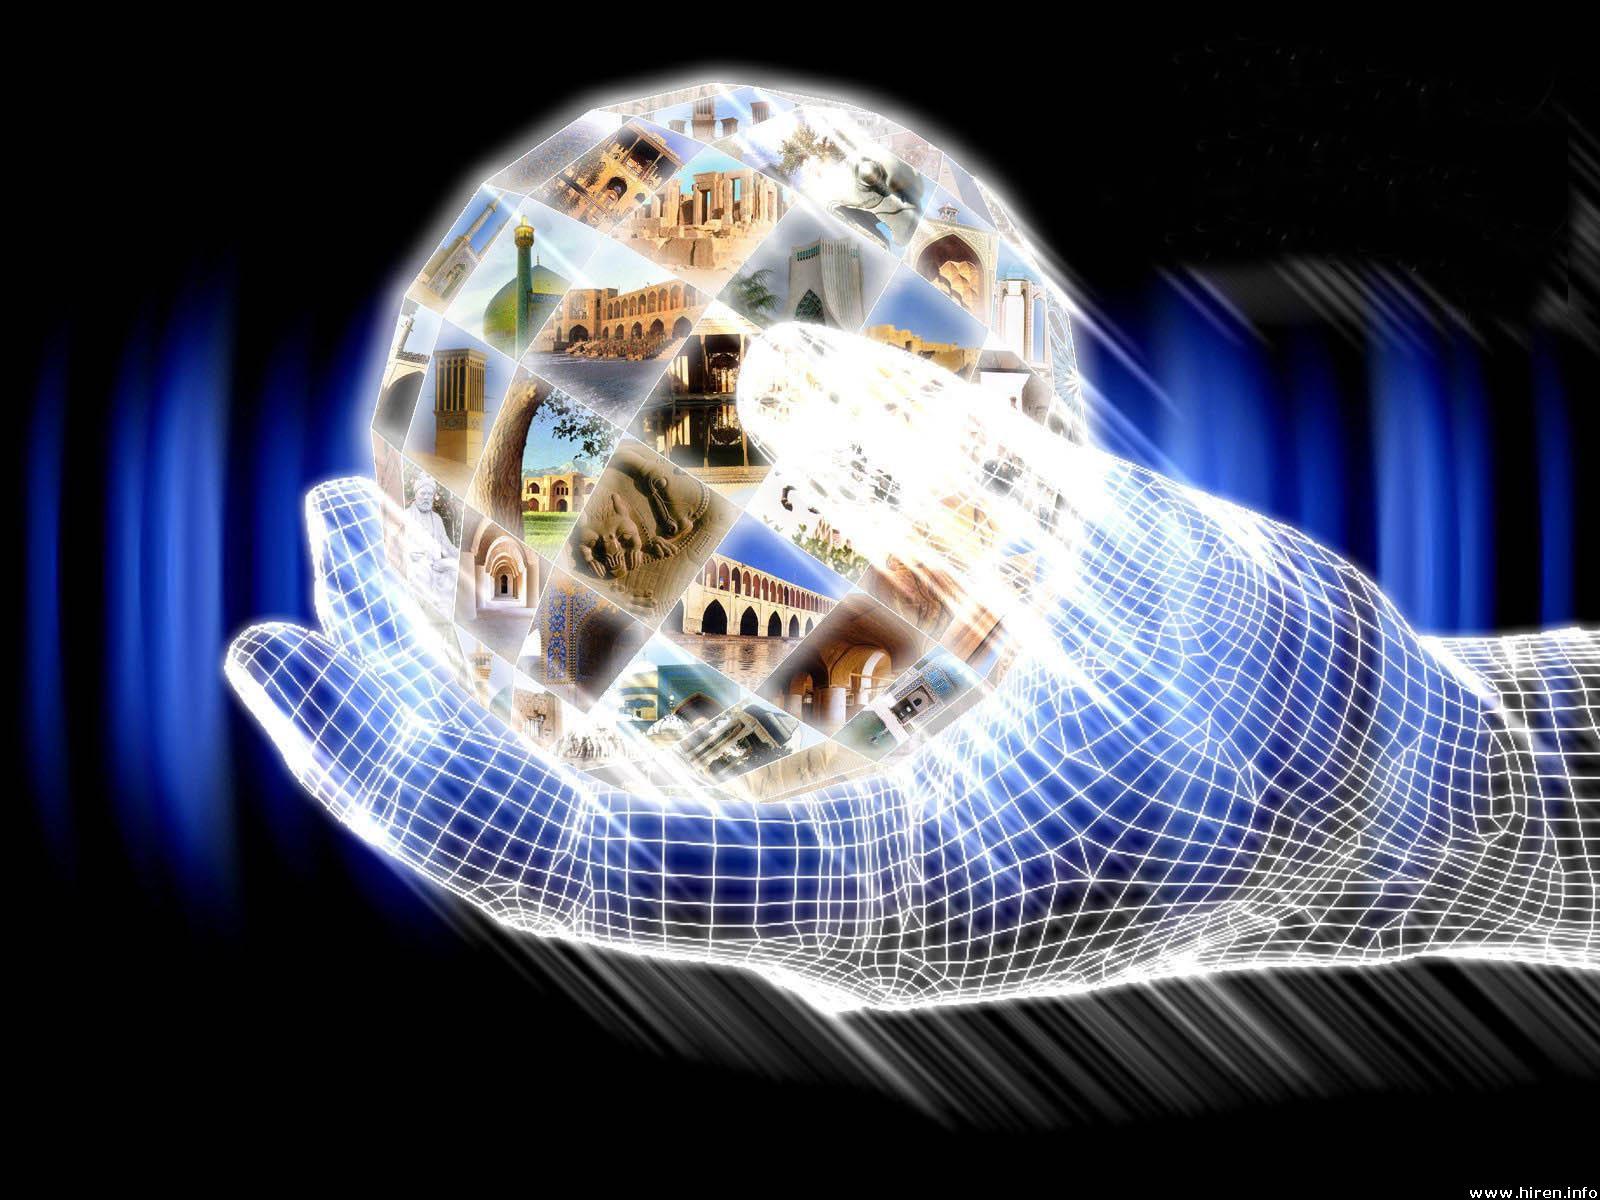 Цифровое будущее на смену аналоговому прошлому